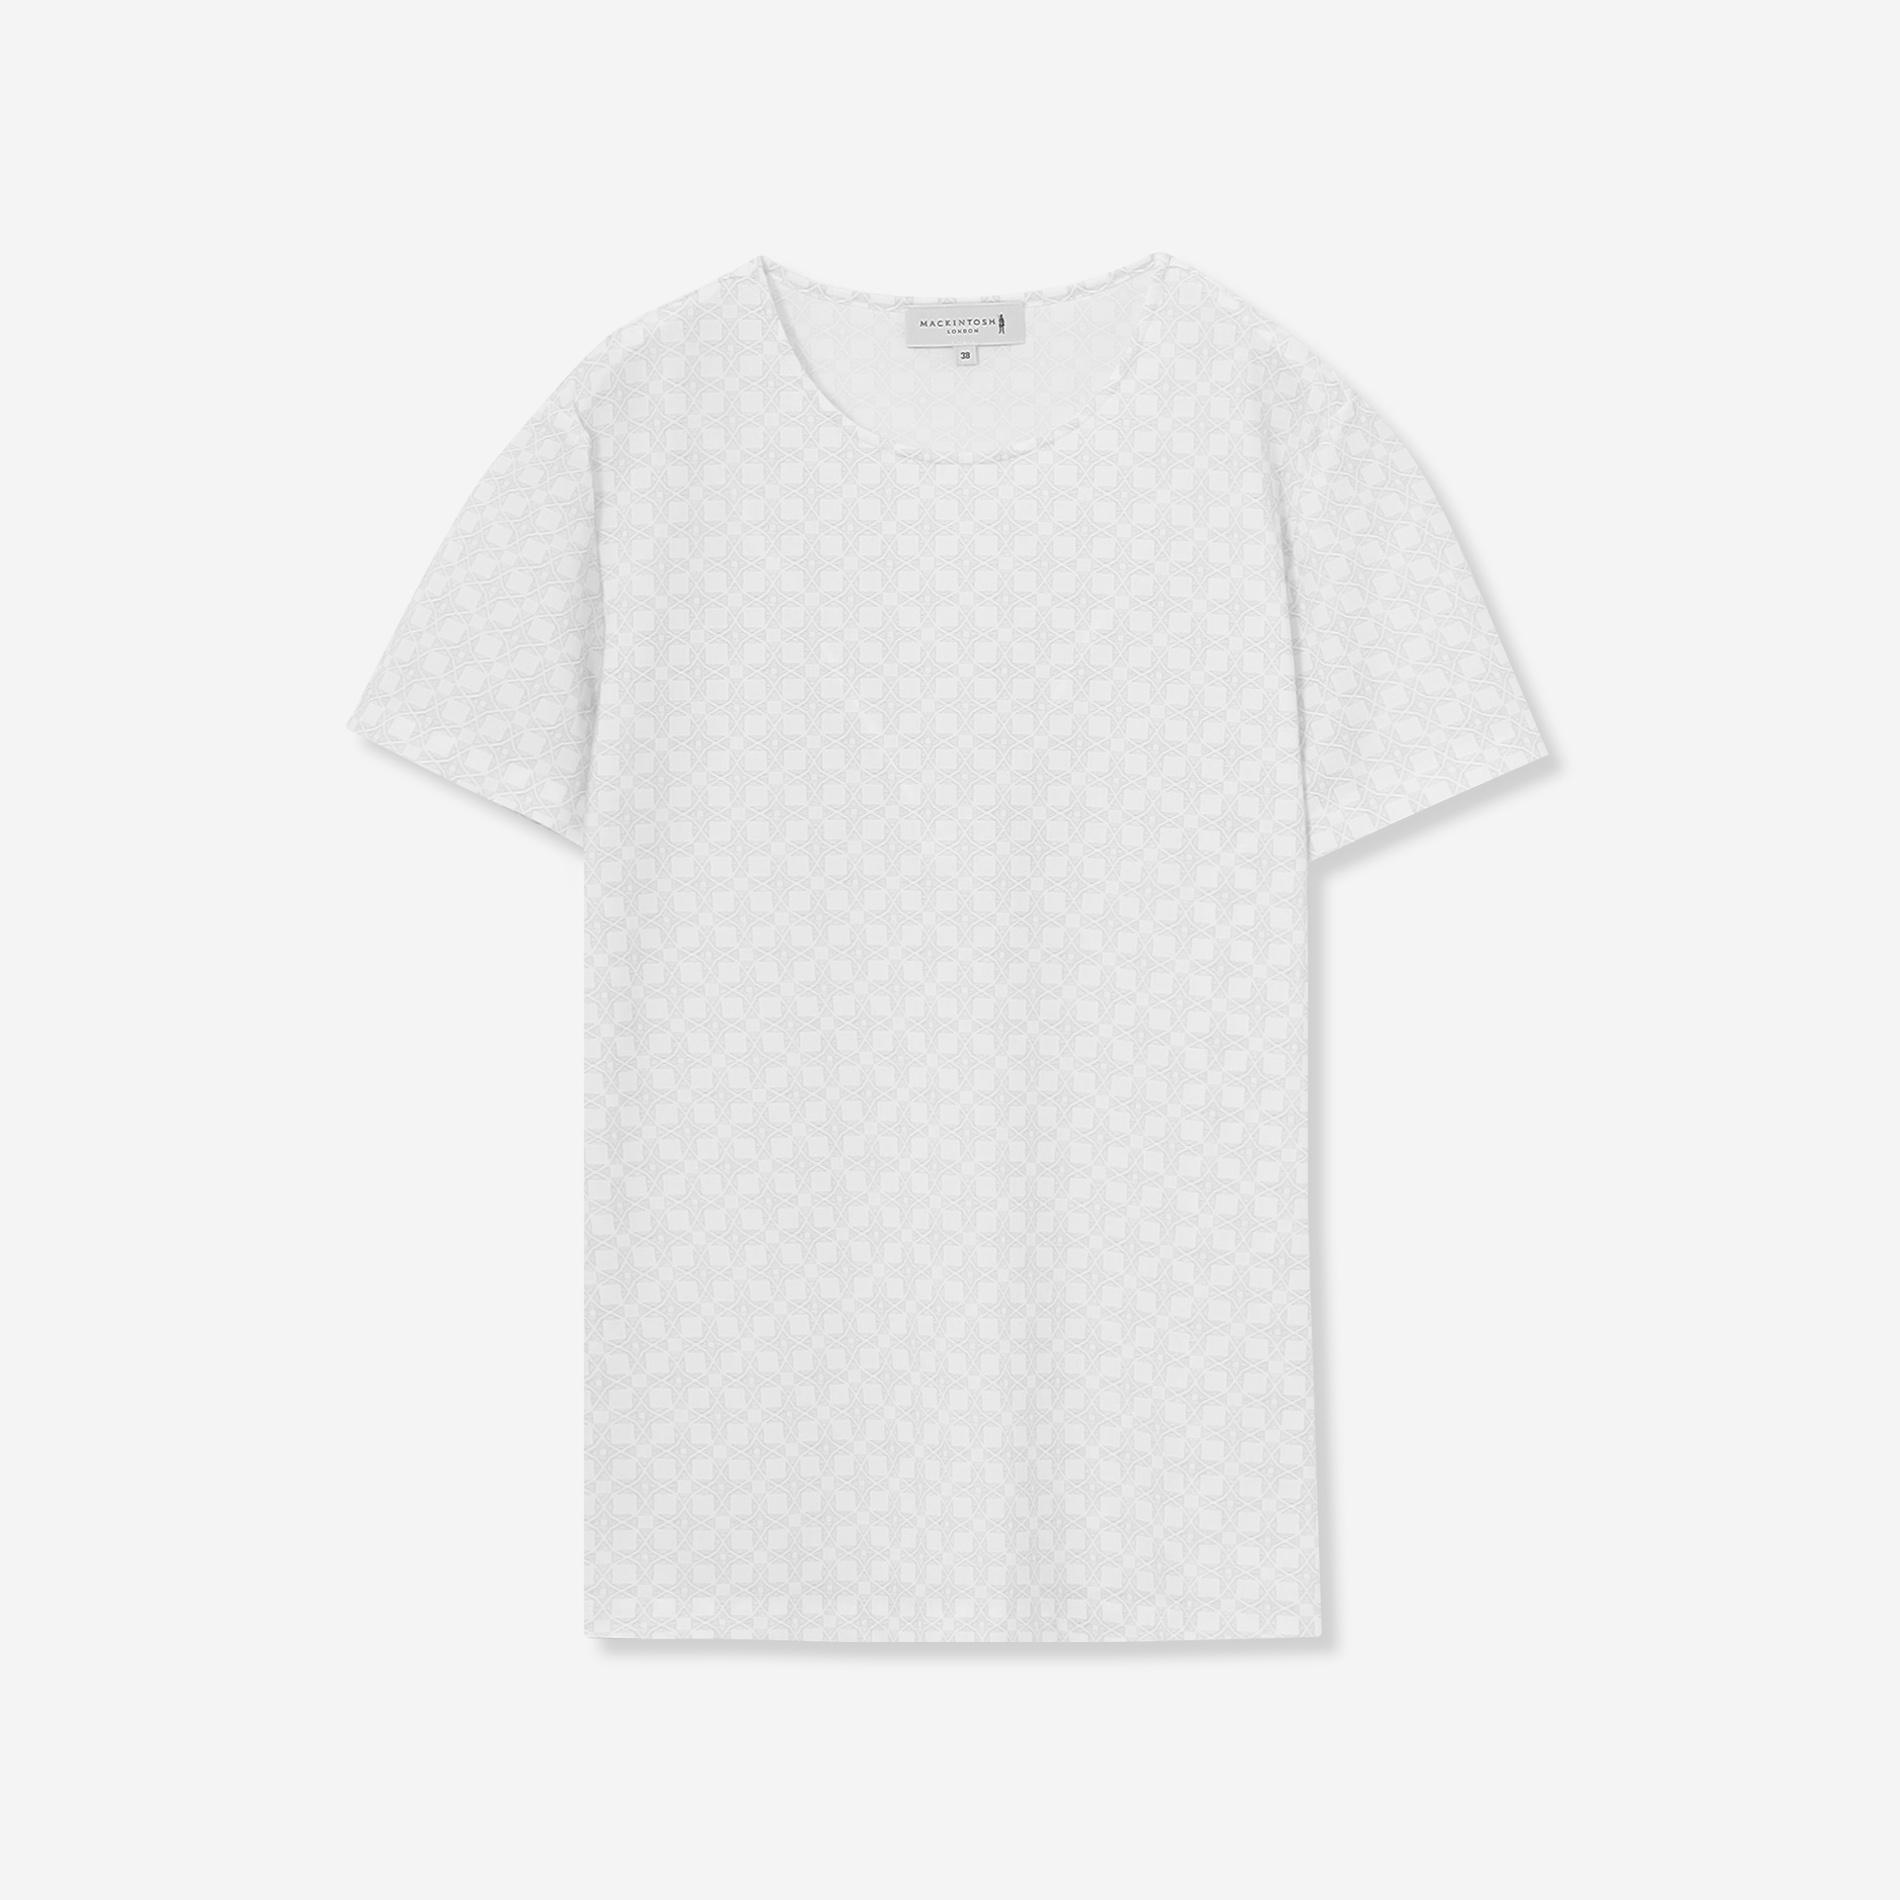 トリコットストレッチアンドリュープリントTシャツ